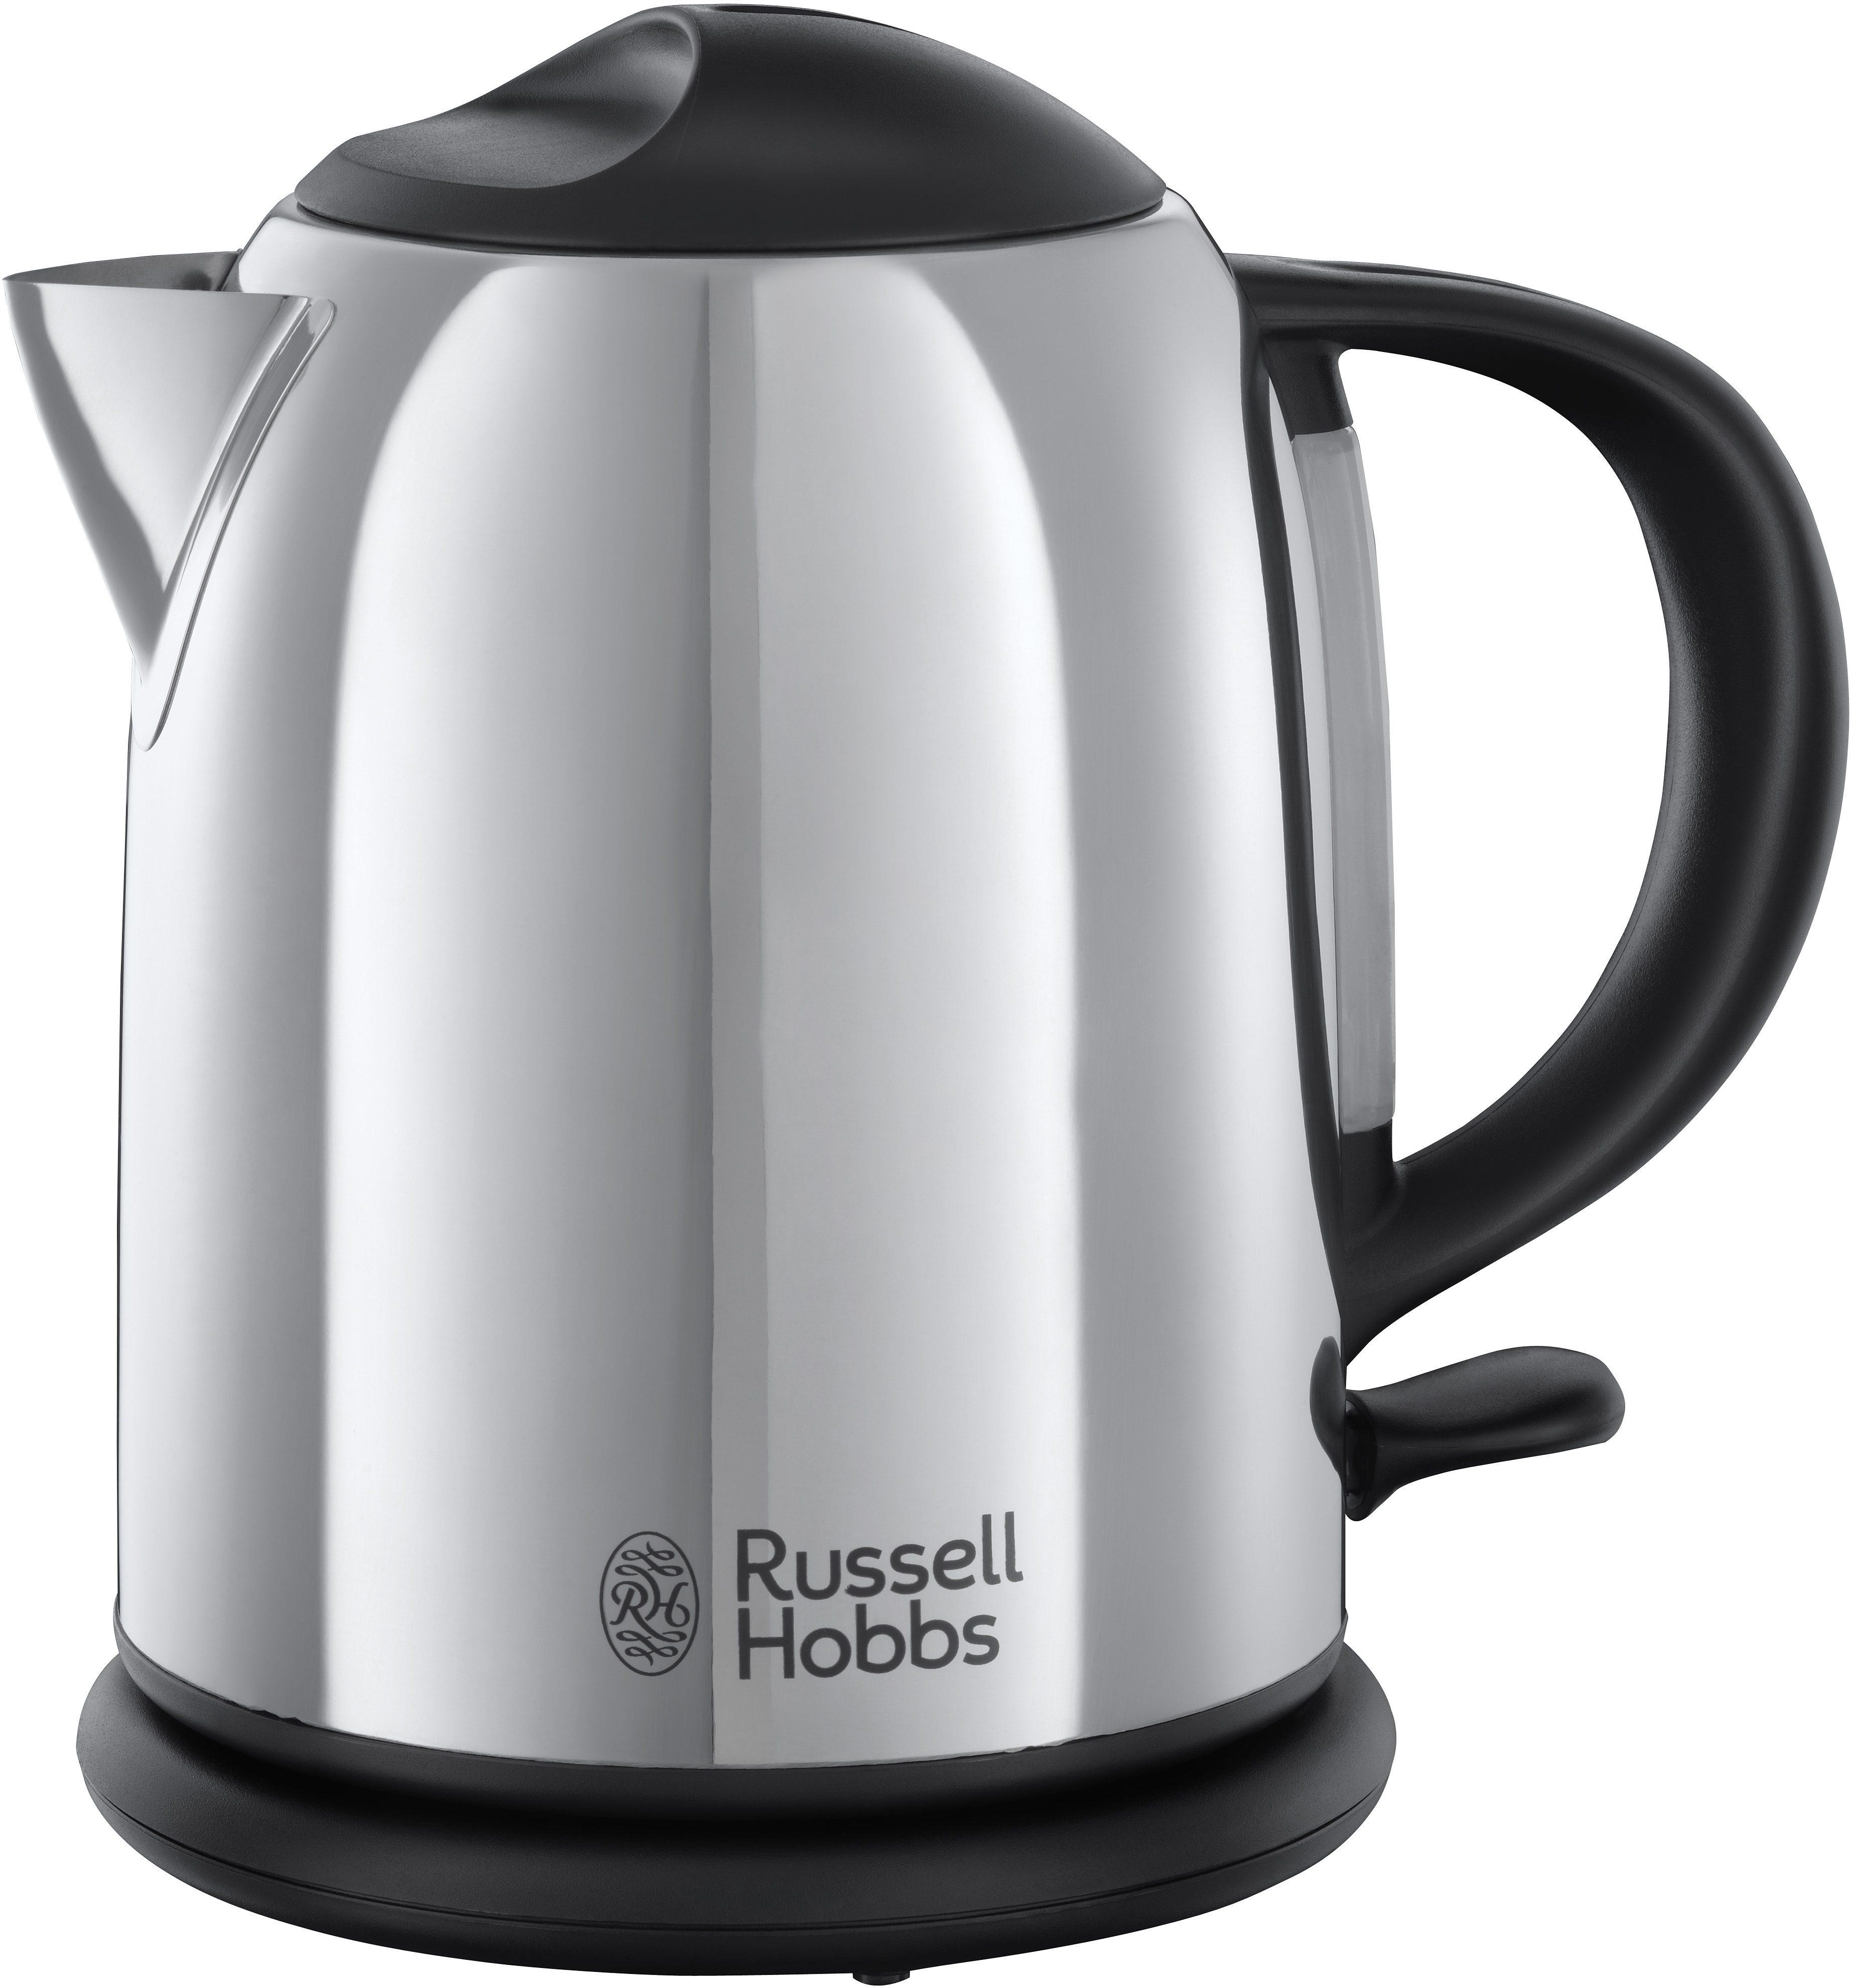 Russell Hobbs Kompakt-Wasserkocher Chester 20190-70, 1 Liter, 2200 Watt